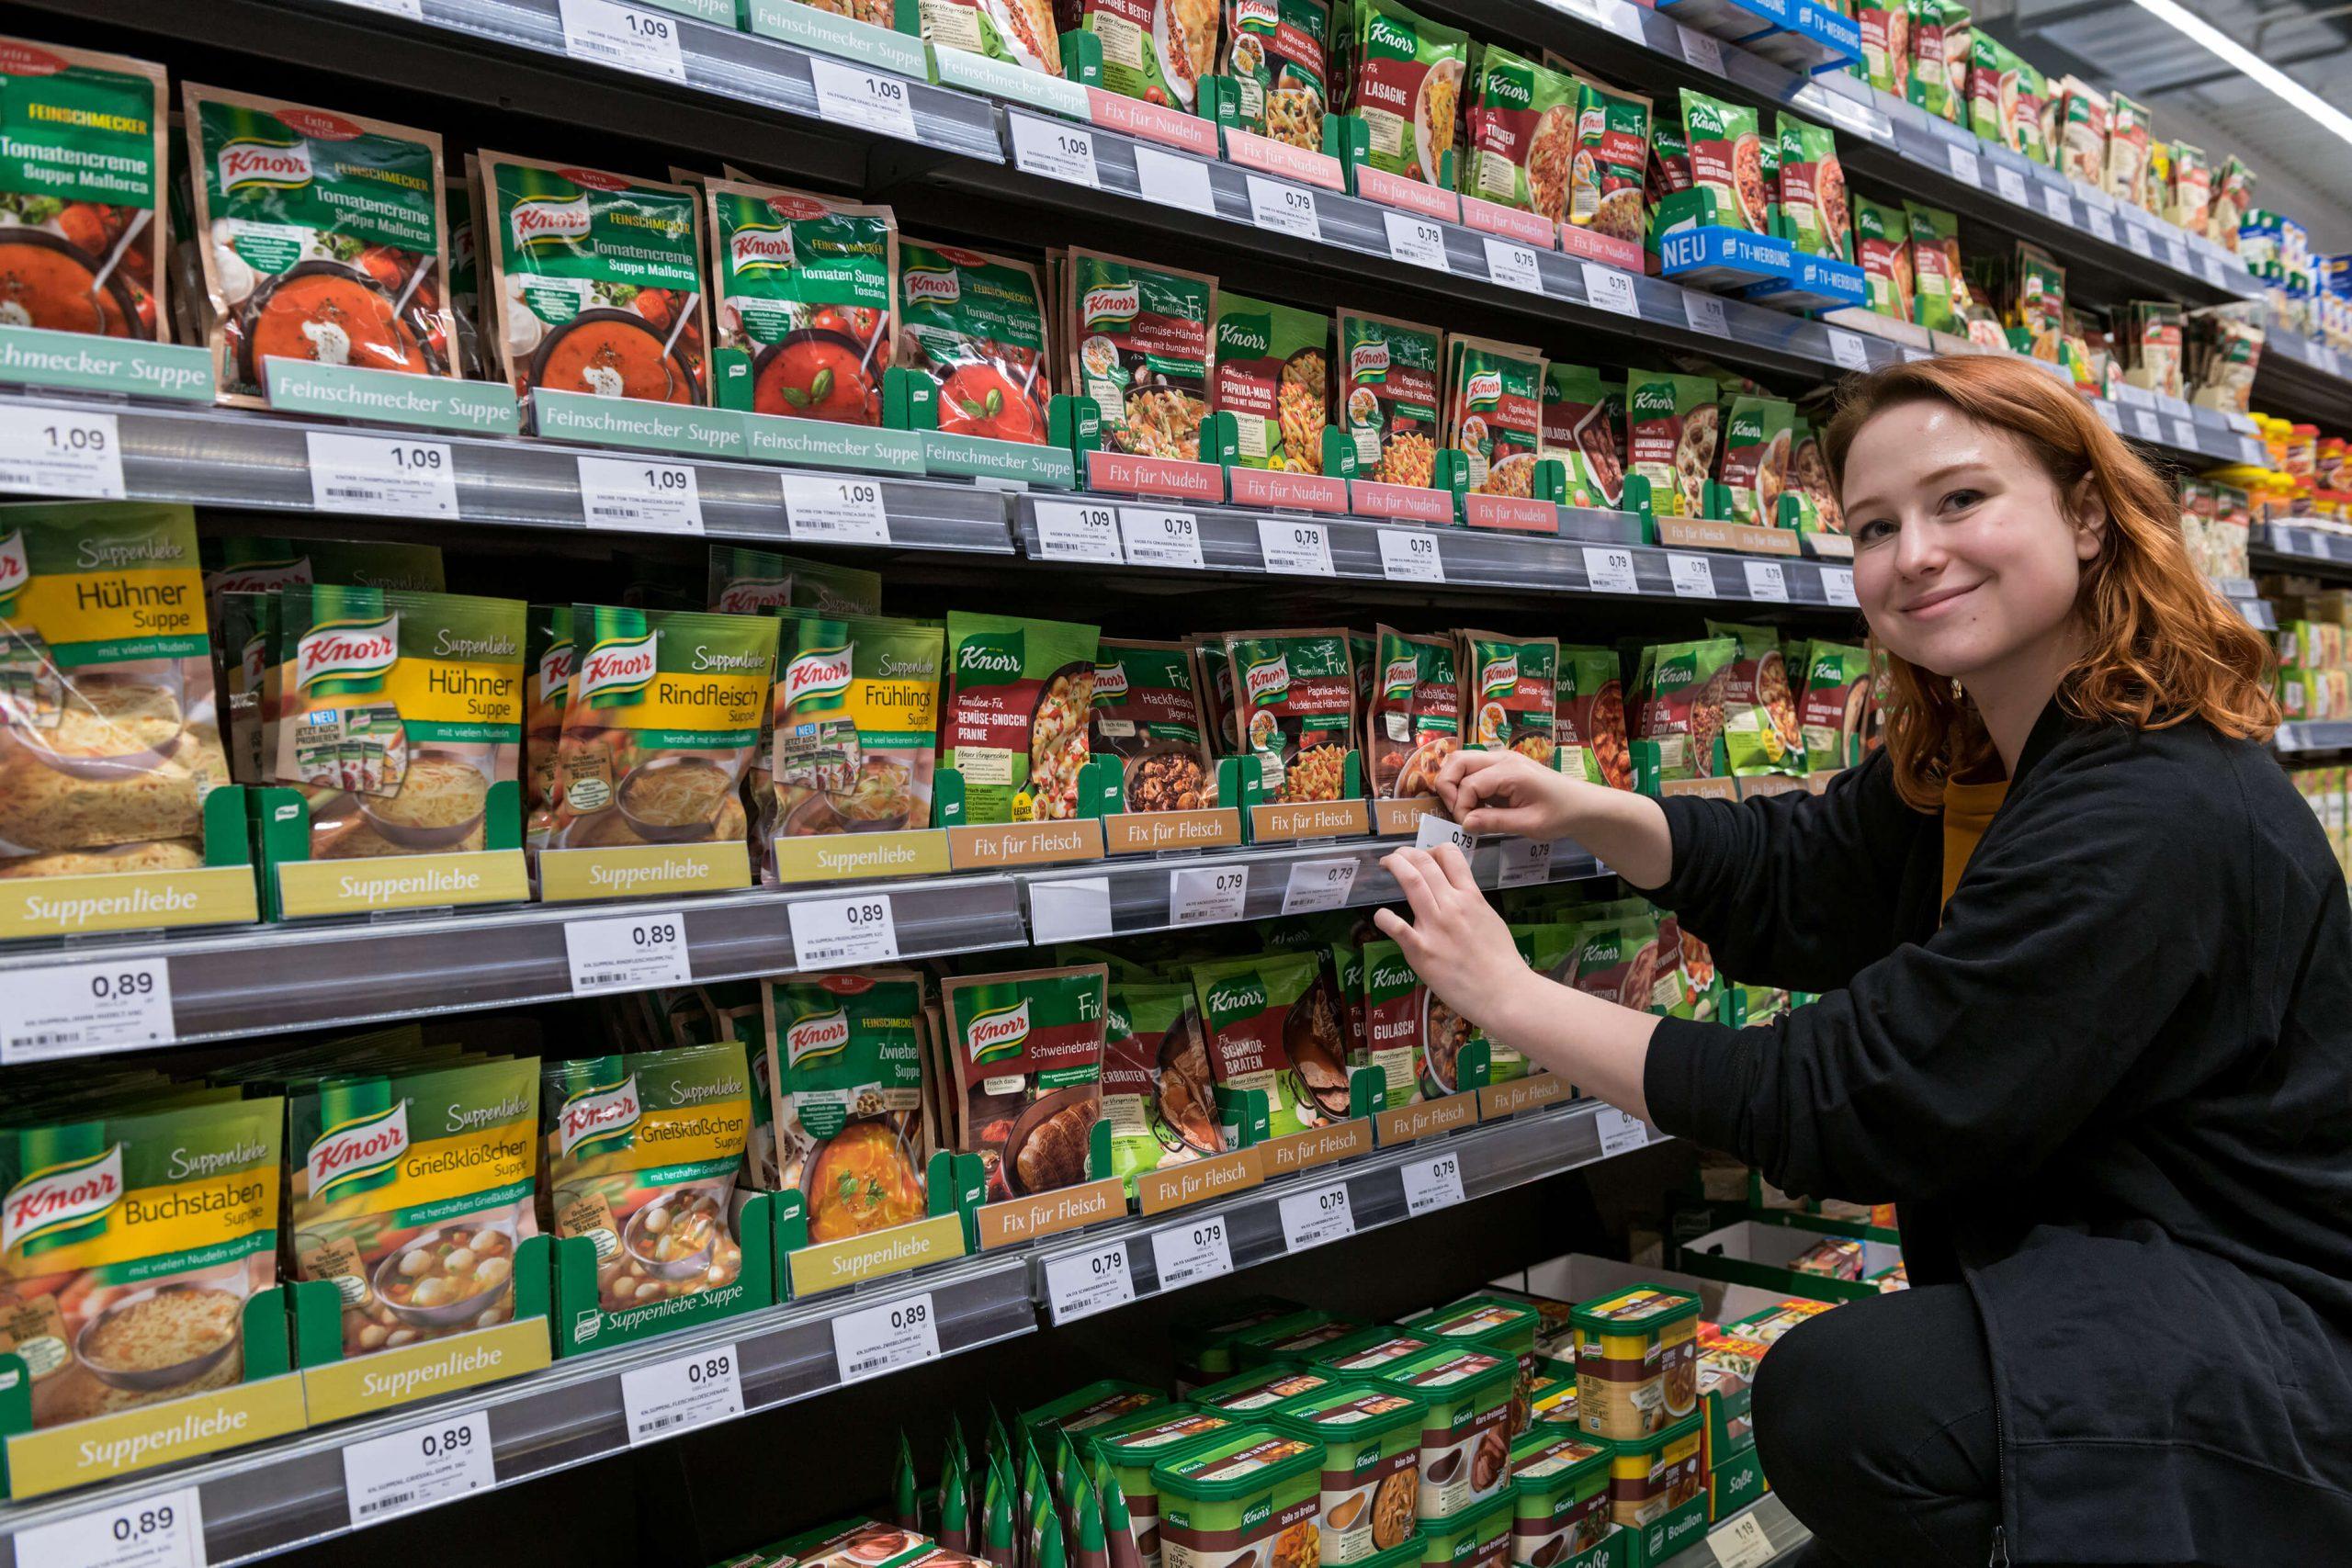 Eine junge Frau verräumt Waren und führt Shelf Management für TMS durch